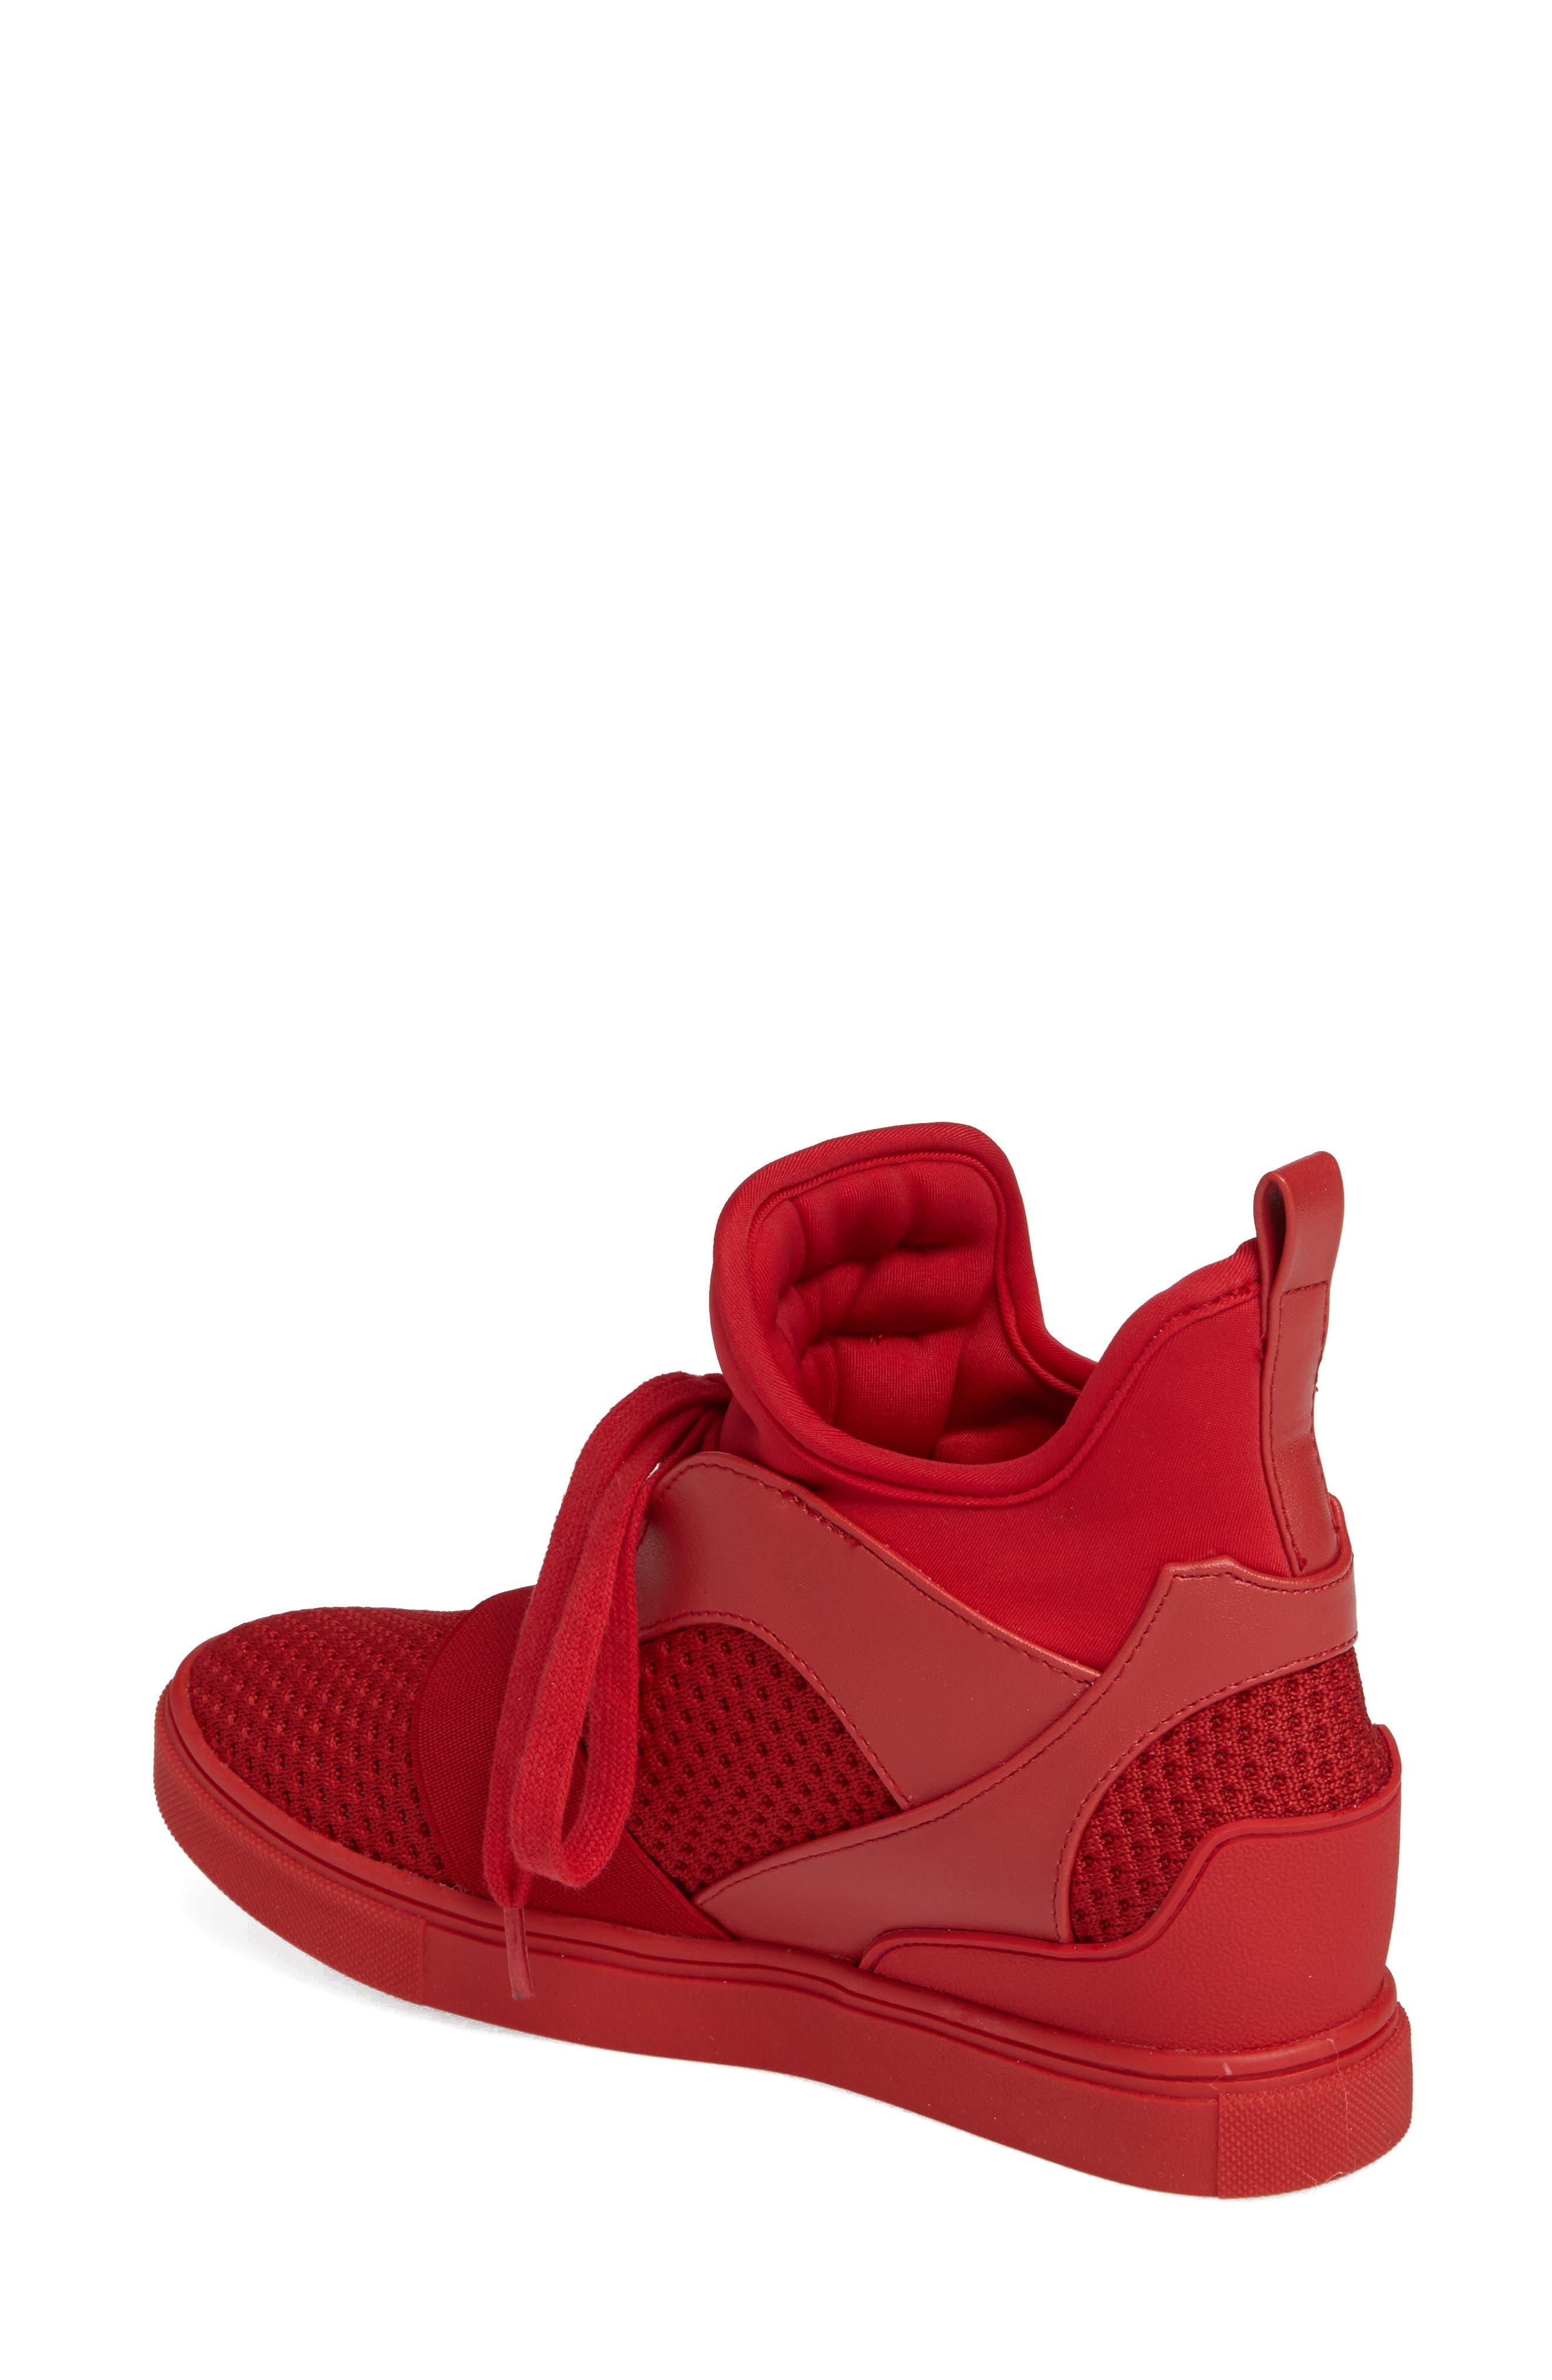 Alternate Image 2  - Steve Madden Lexie Wedge Sneaker (Women)